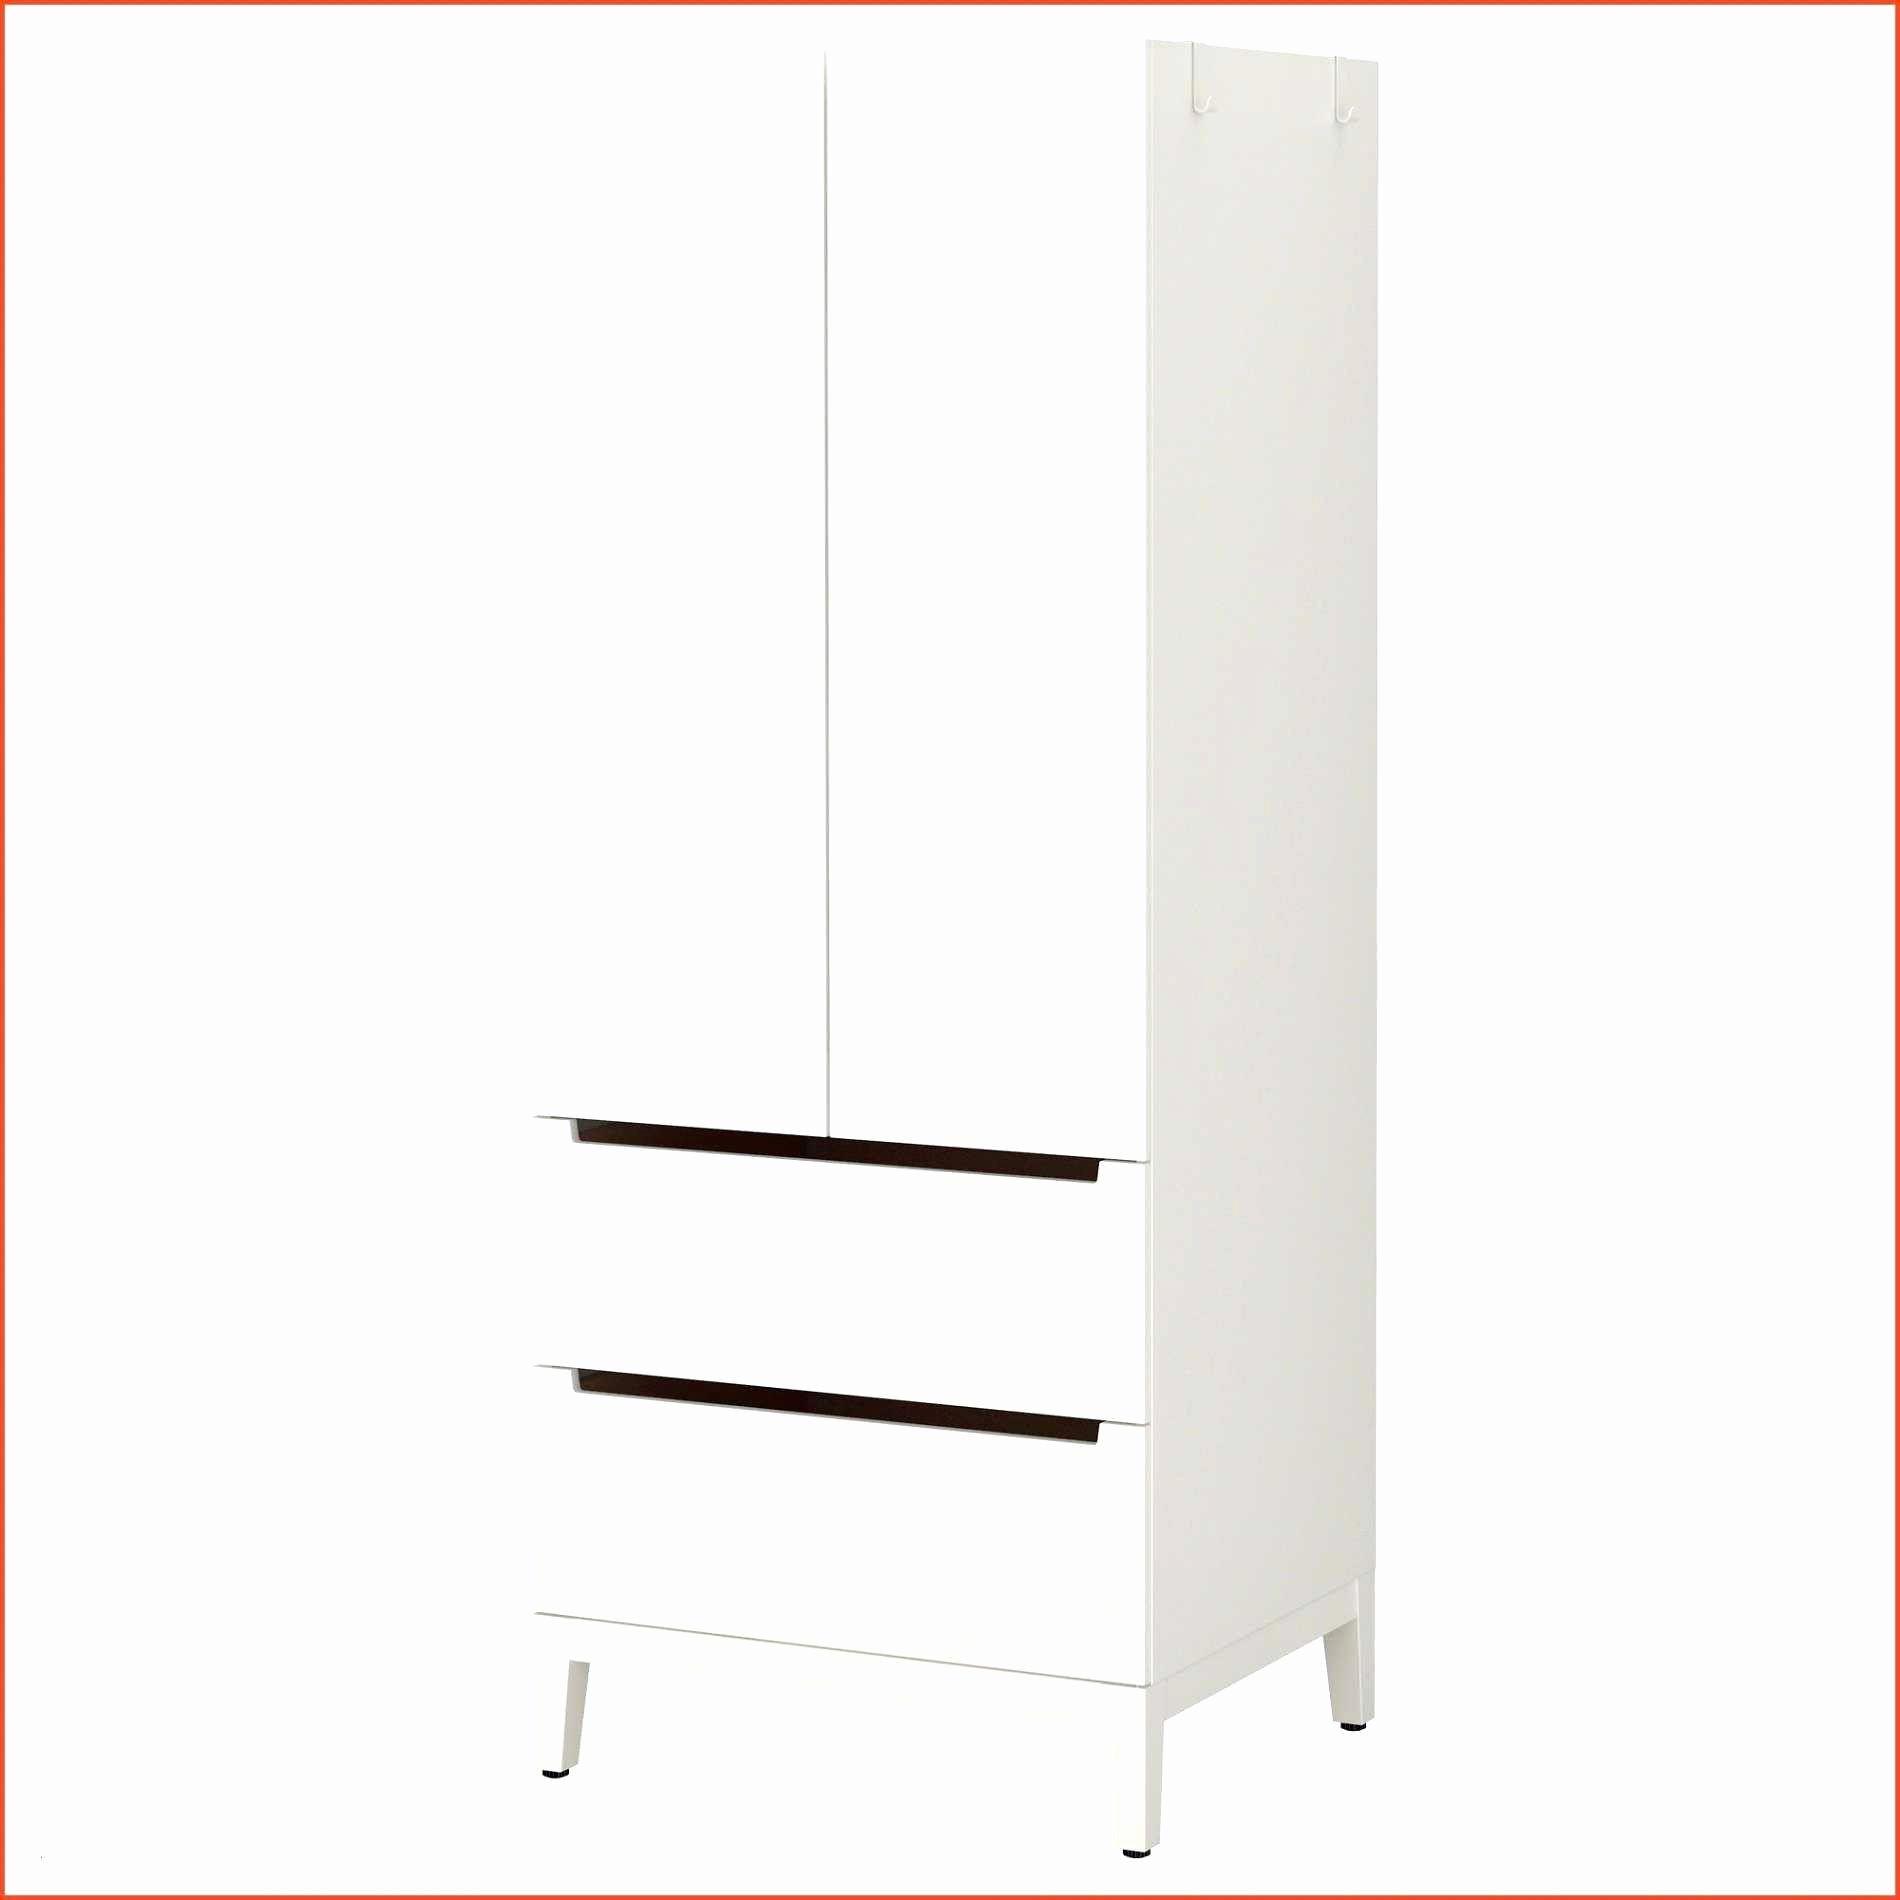 41 Hervorragend Badezimmer Aufbewahrung Schrank Tall Cabinet Storage House Design Home Decor